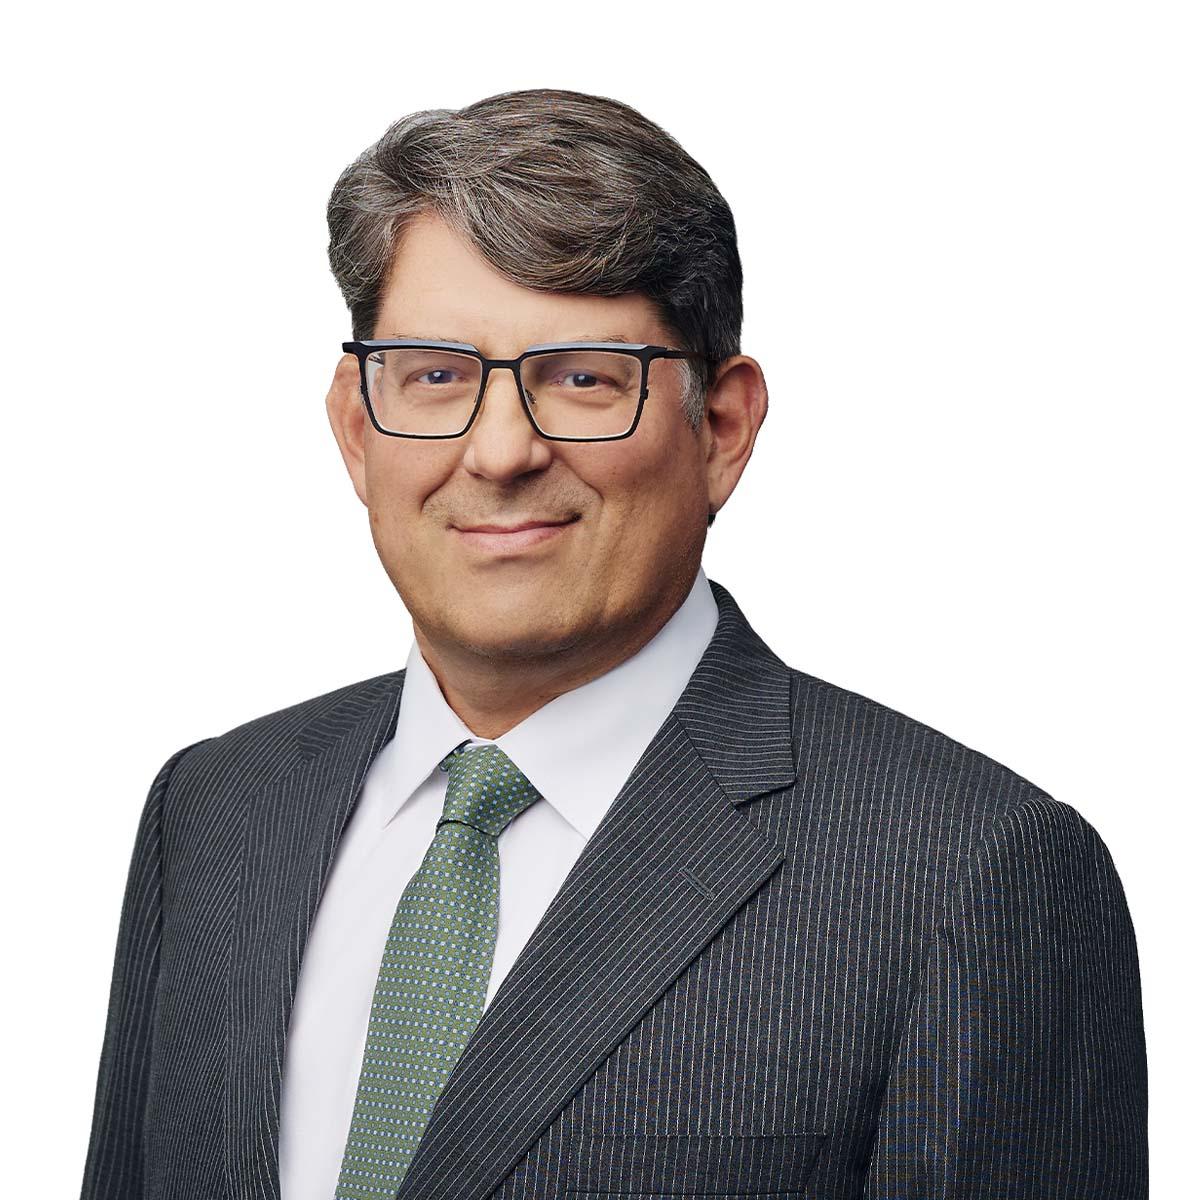 Andrew S. Wiseman